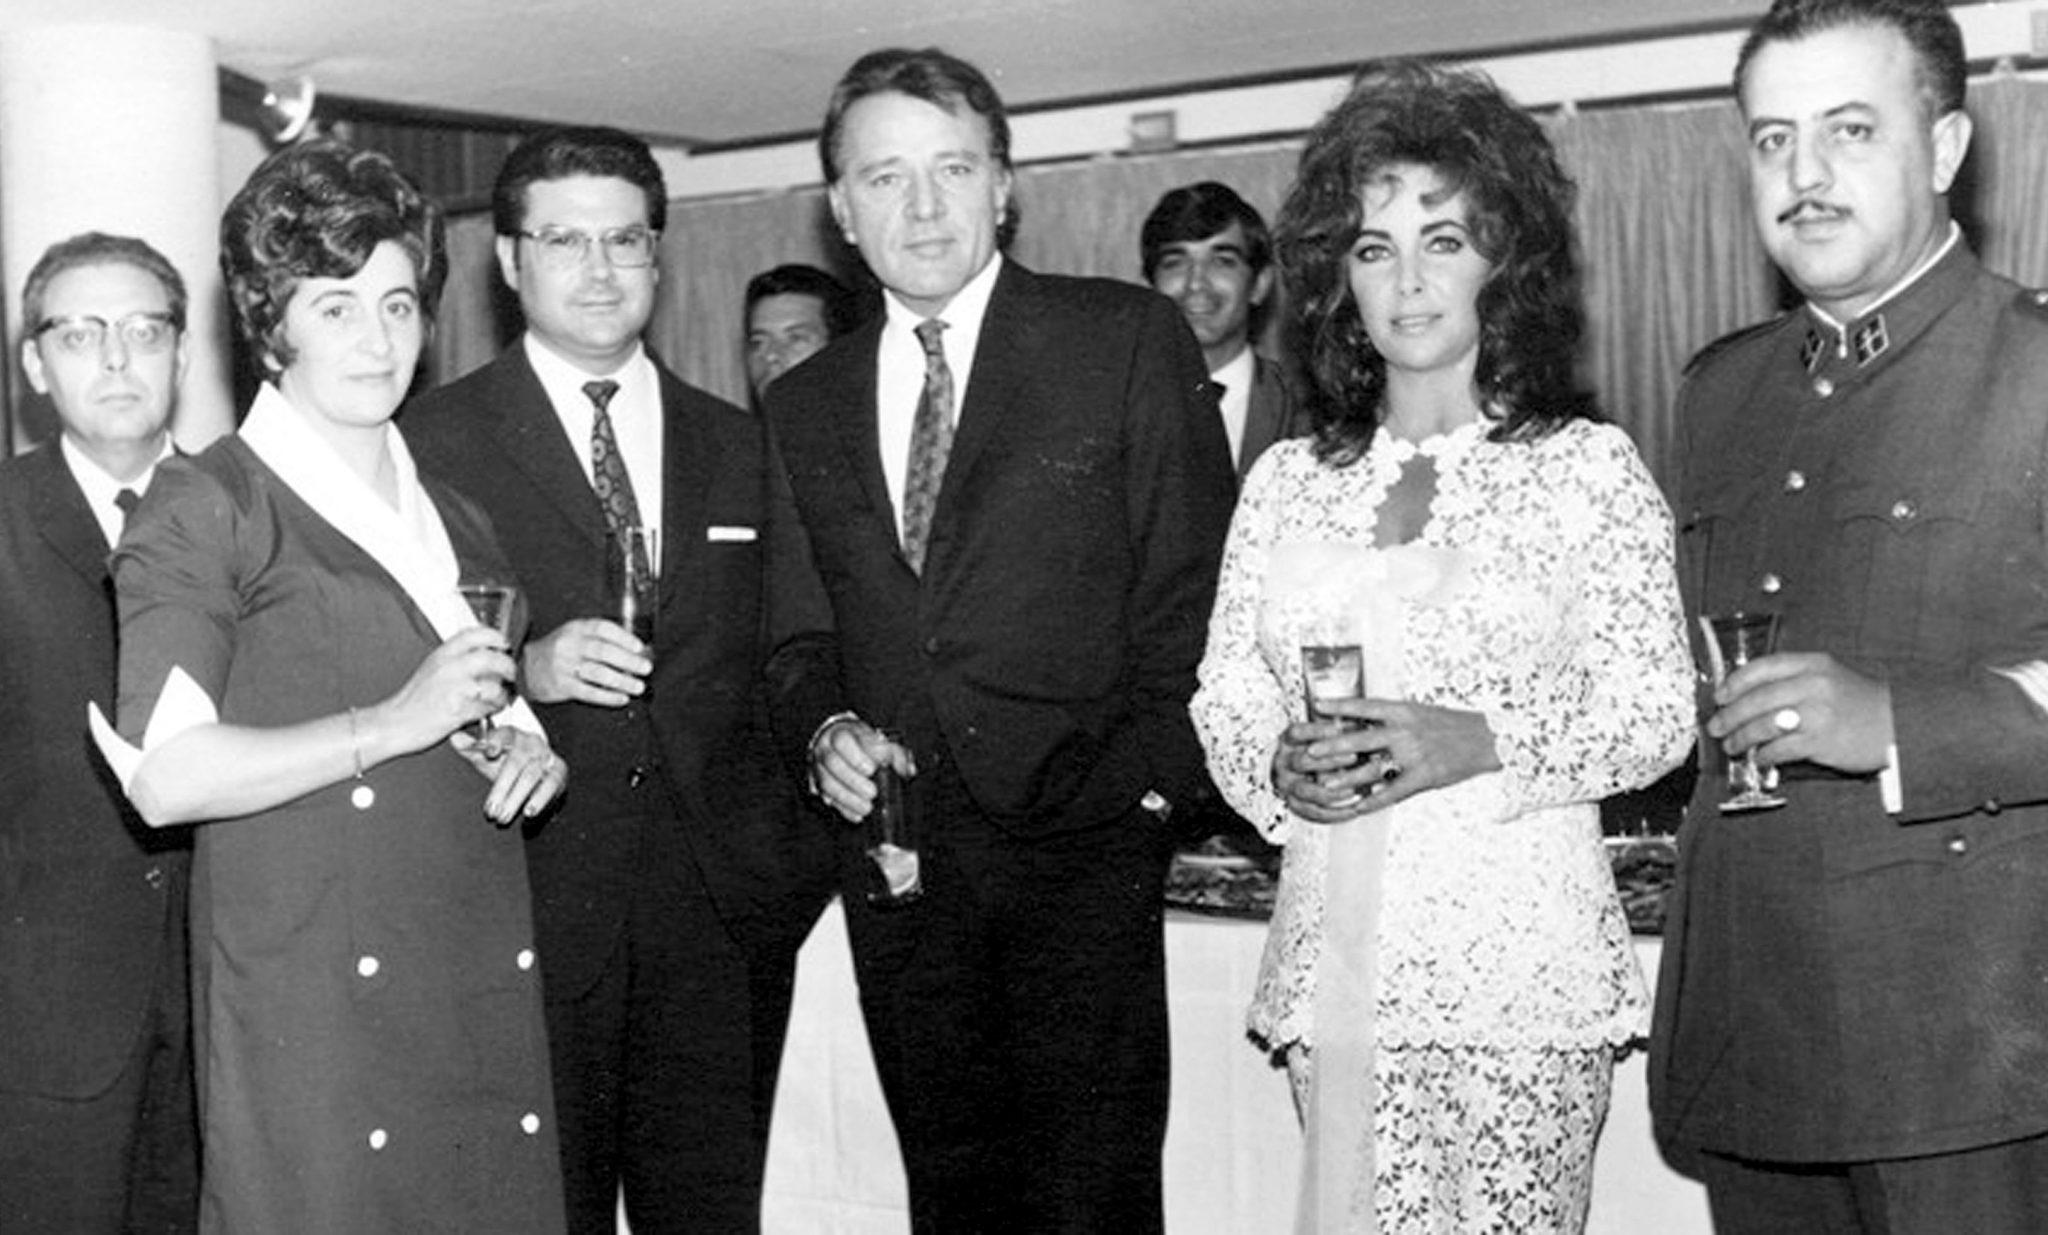 Foto histórica de la estancia de Richard Burton y Elizabeth Taylor en Los Cristianos, en el hotel Moreque, a principios de los años setenta del siglo pasado. Foto cedida